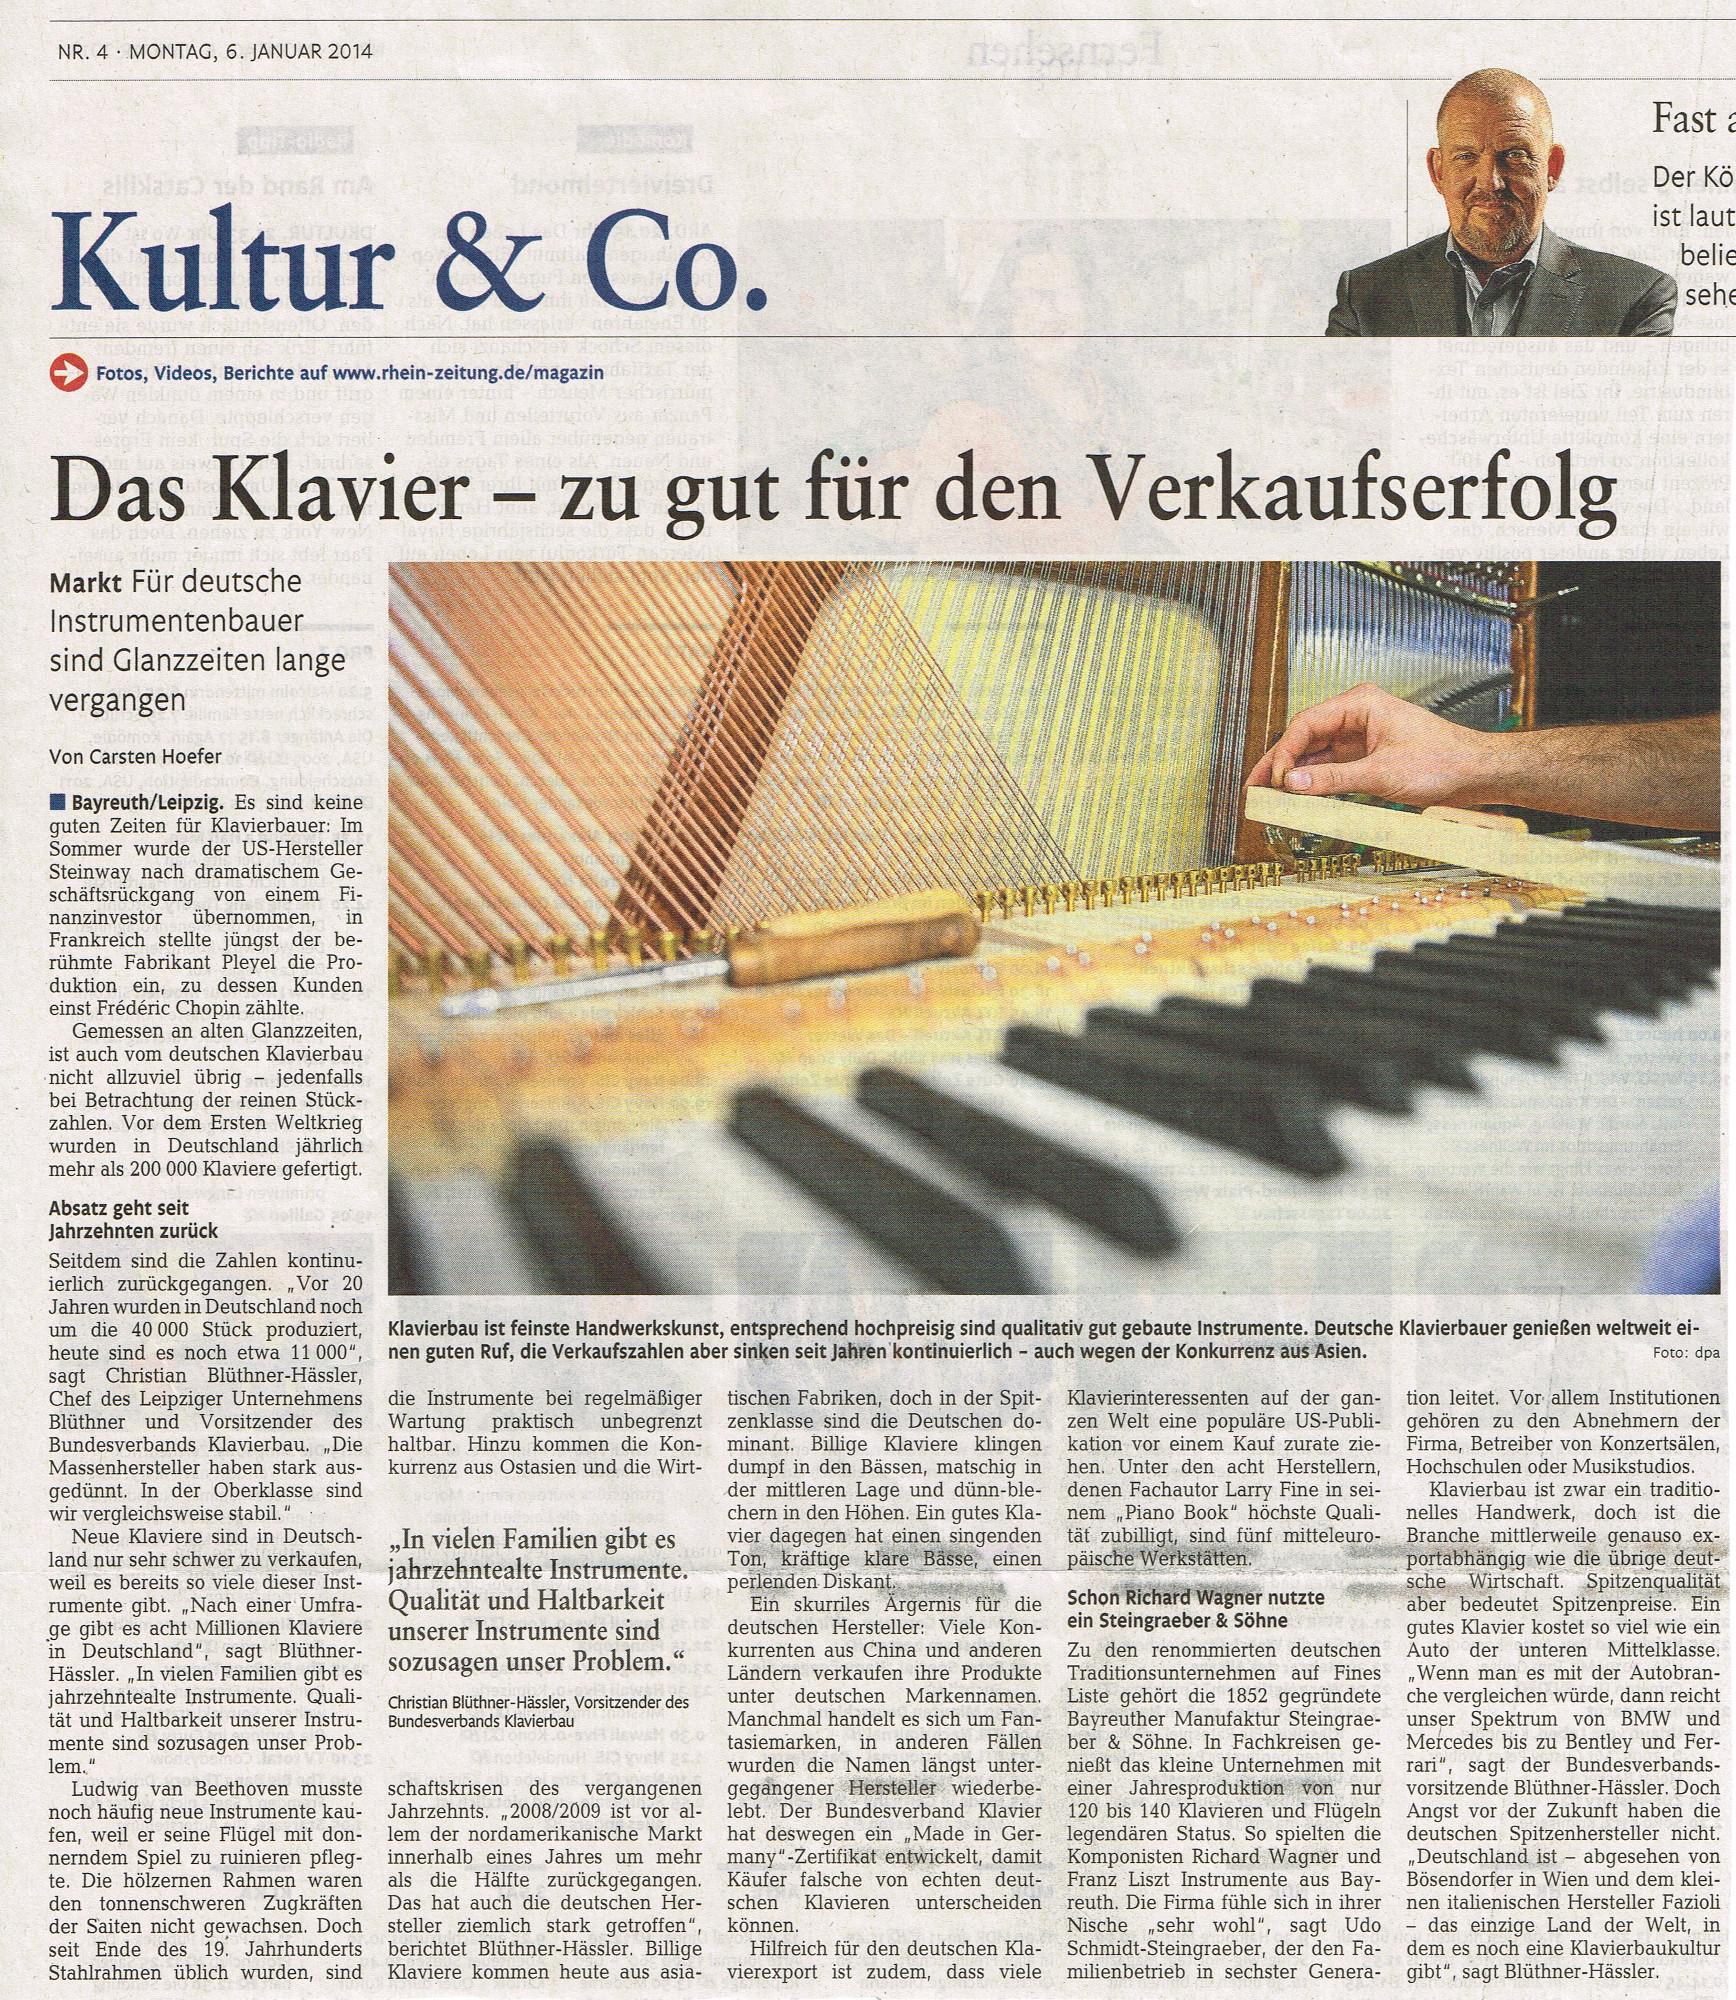 Das Klavier – zu gut für den Verkaufserfolg